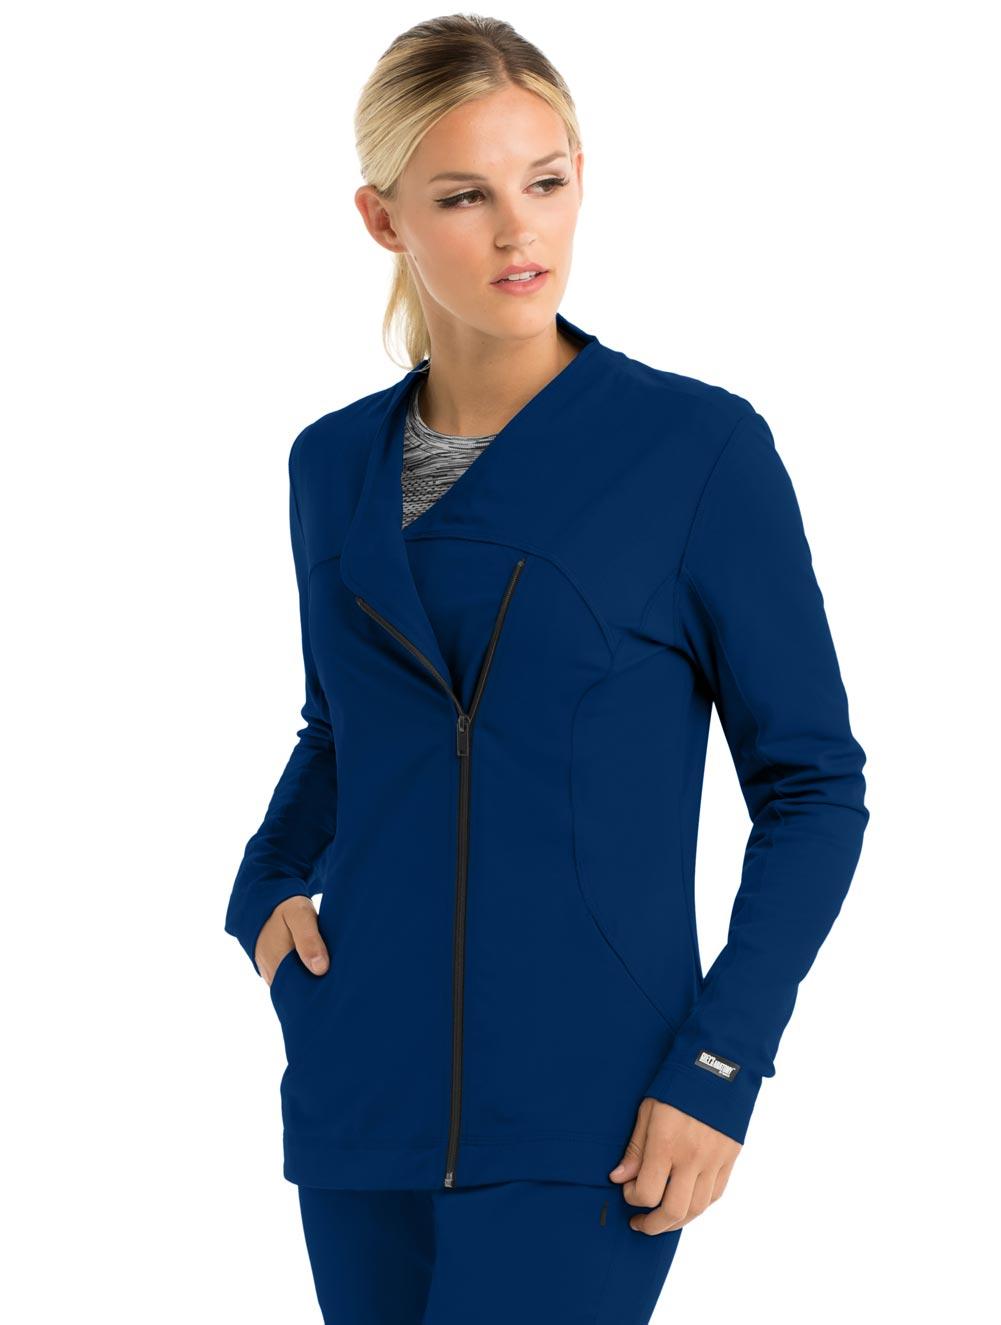 Sorona Asymetric Side Zip Jacket